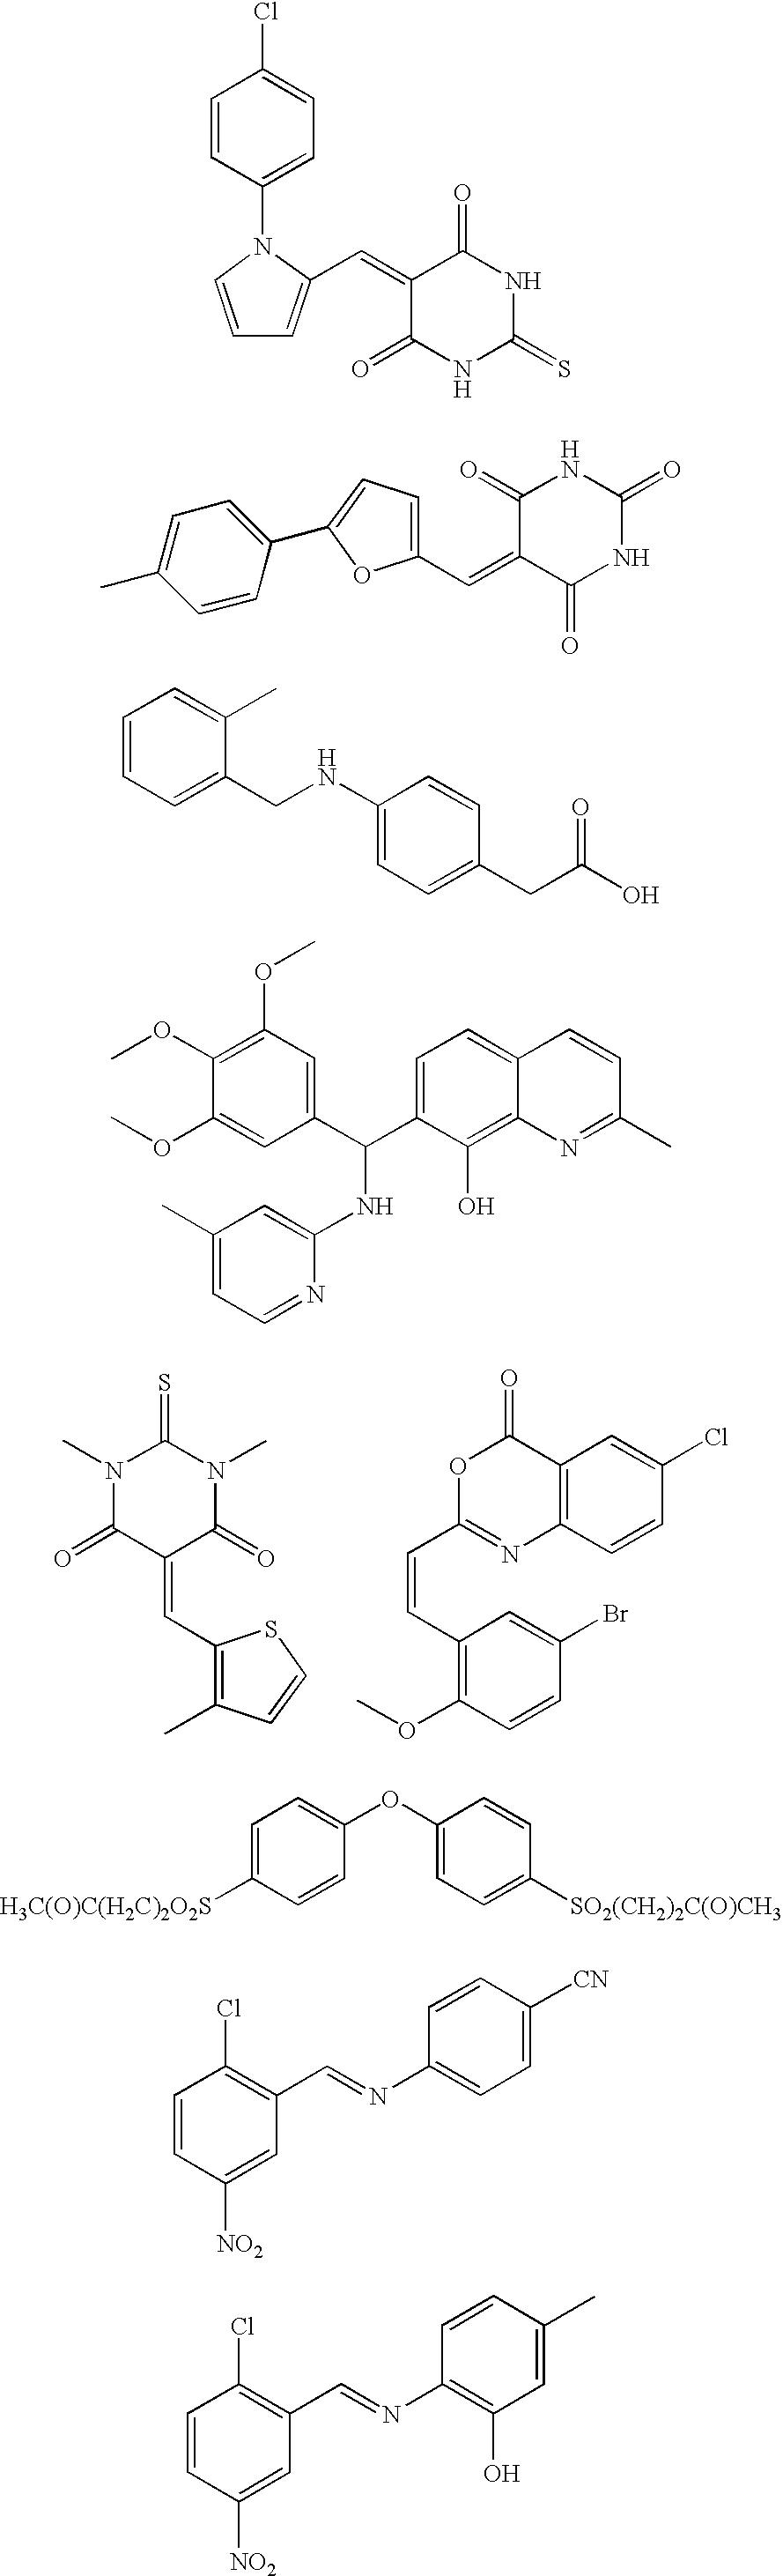 Figure US08119656-20120221-C00028